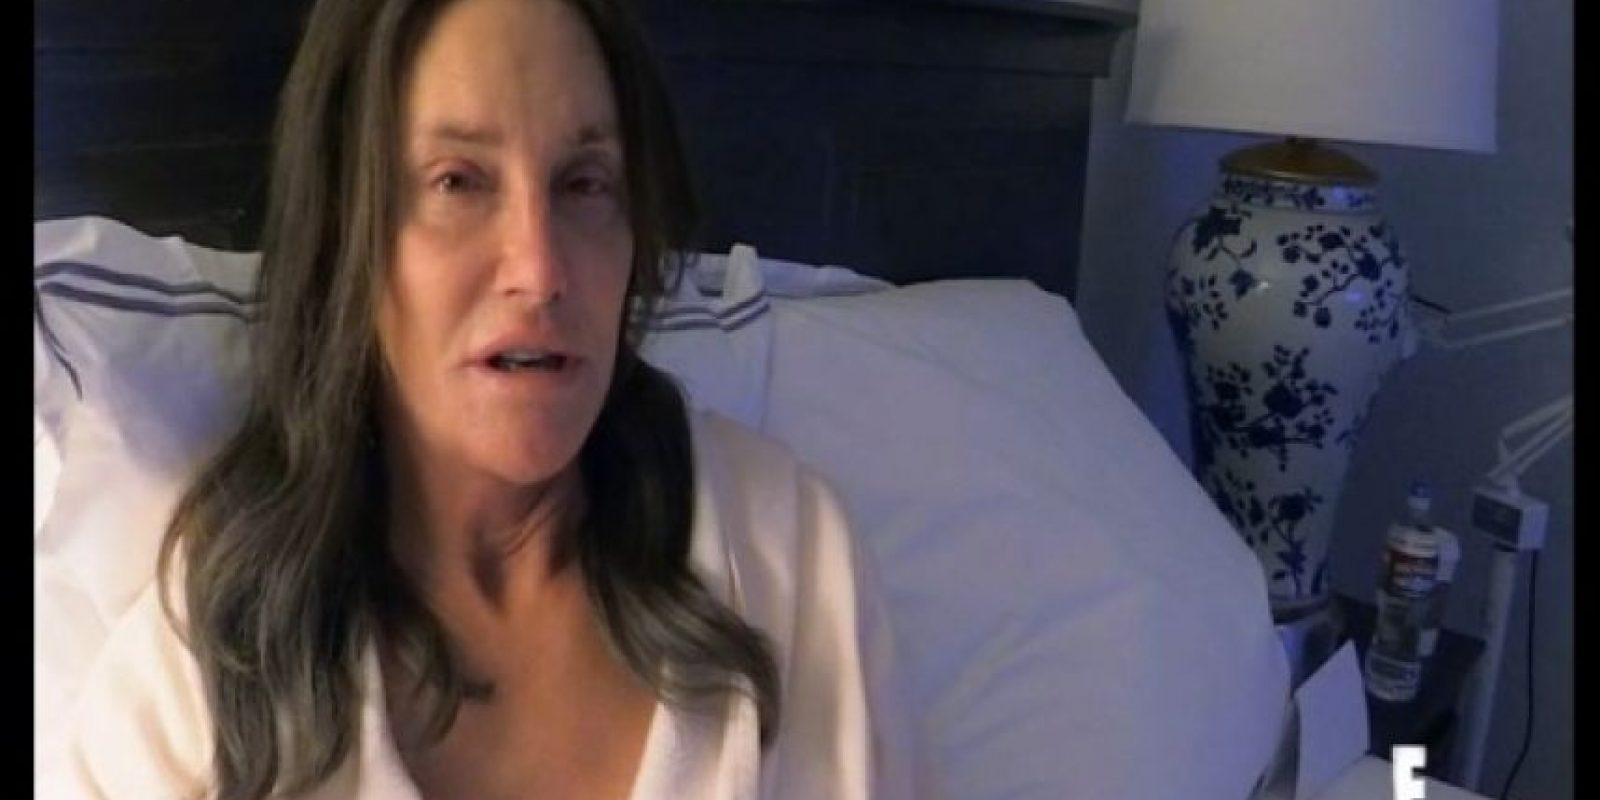 La famosa transexual se mantiene despierta hasta las 4 AM por pensar en la comunidad LGBT Foto:E! News